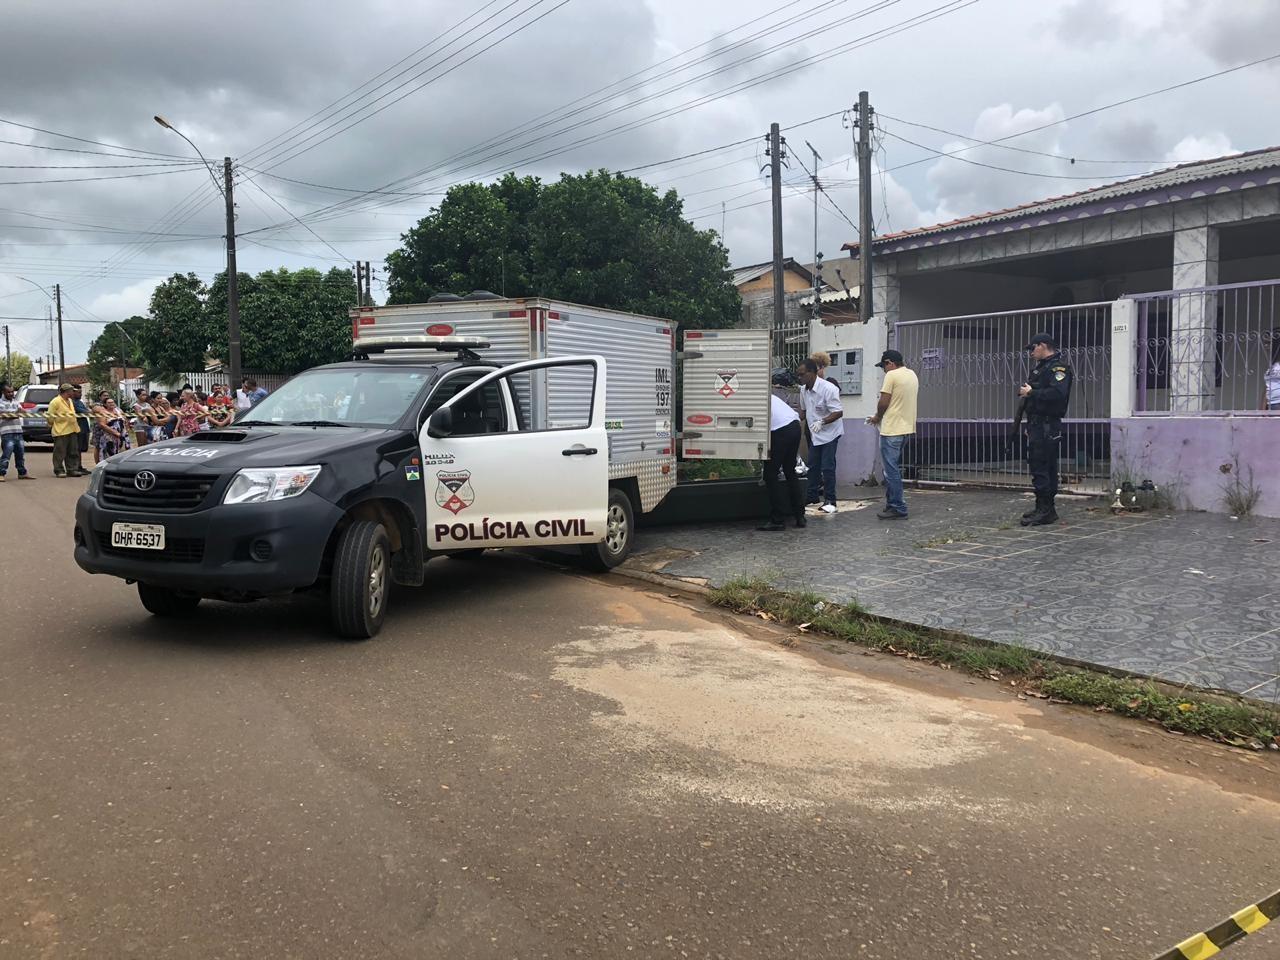 Autônomo é morto com 6 tiros a caminho de mercado em Ariquemes, RO